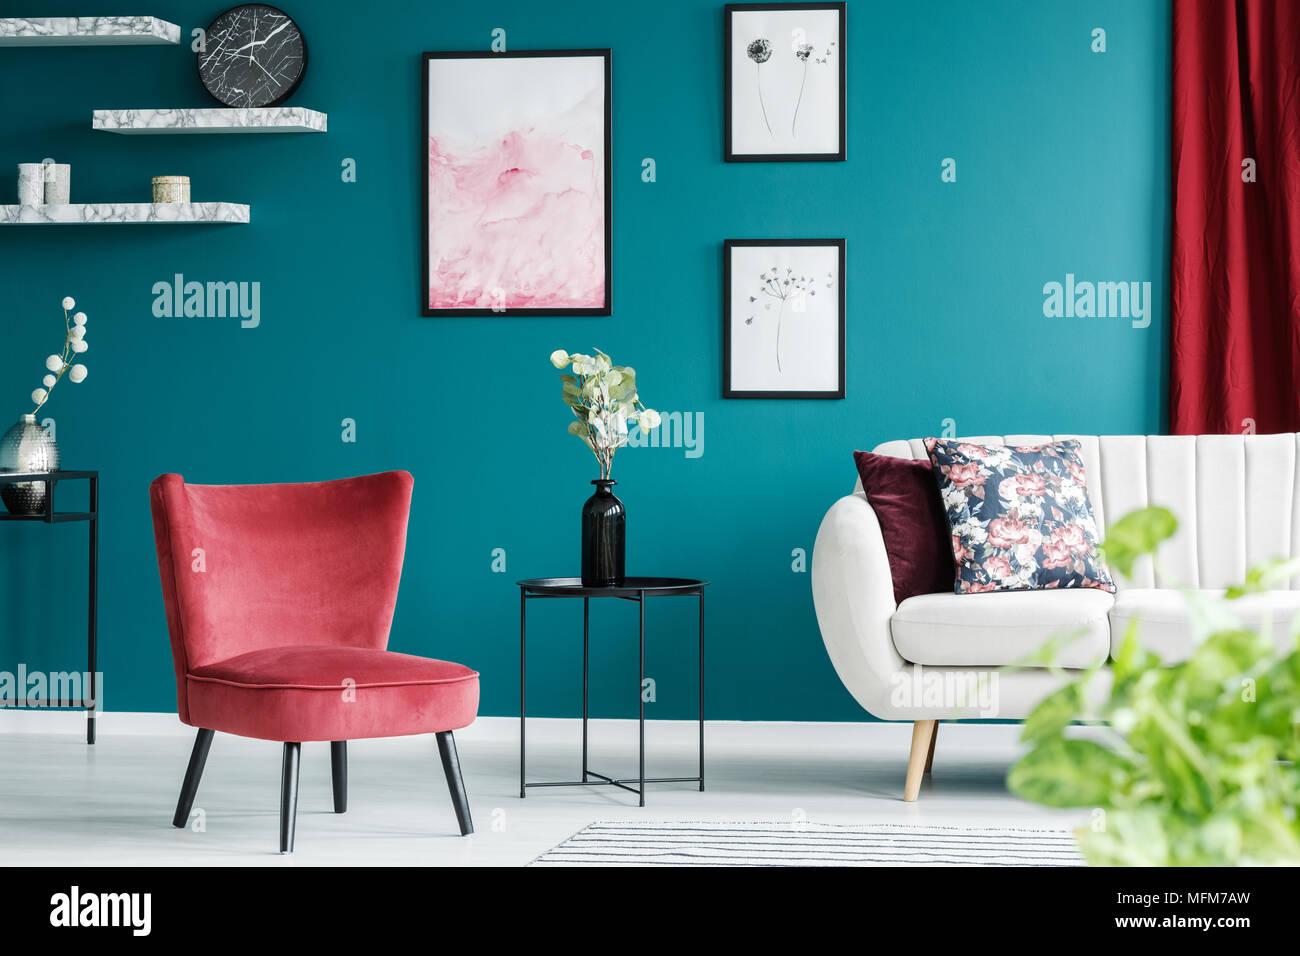 Fauteuil rouge, blanc canapé, peintures et tableau noir dans un ...